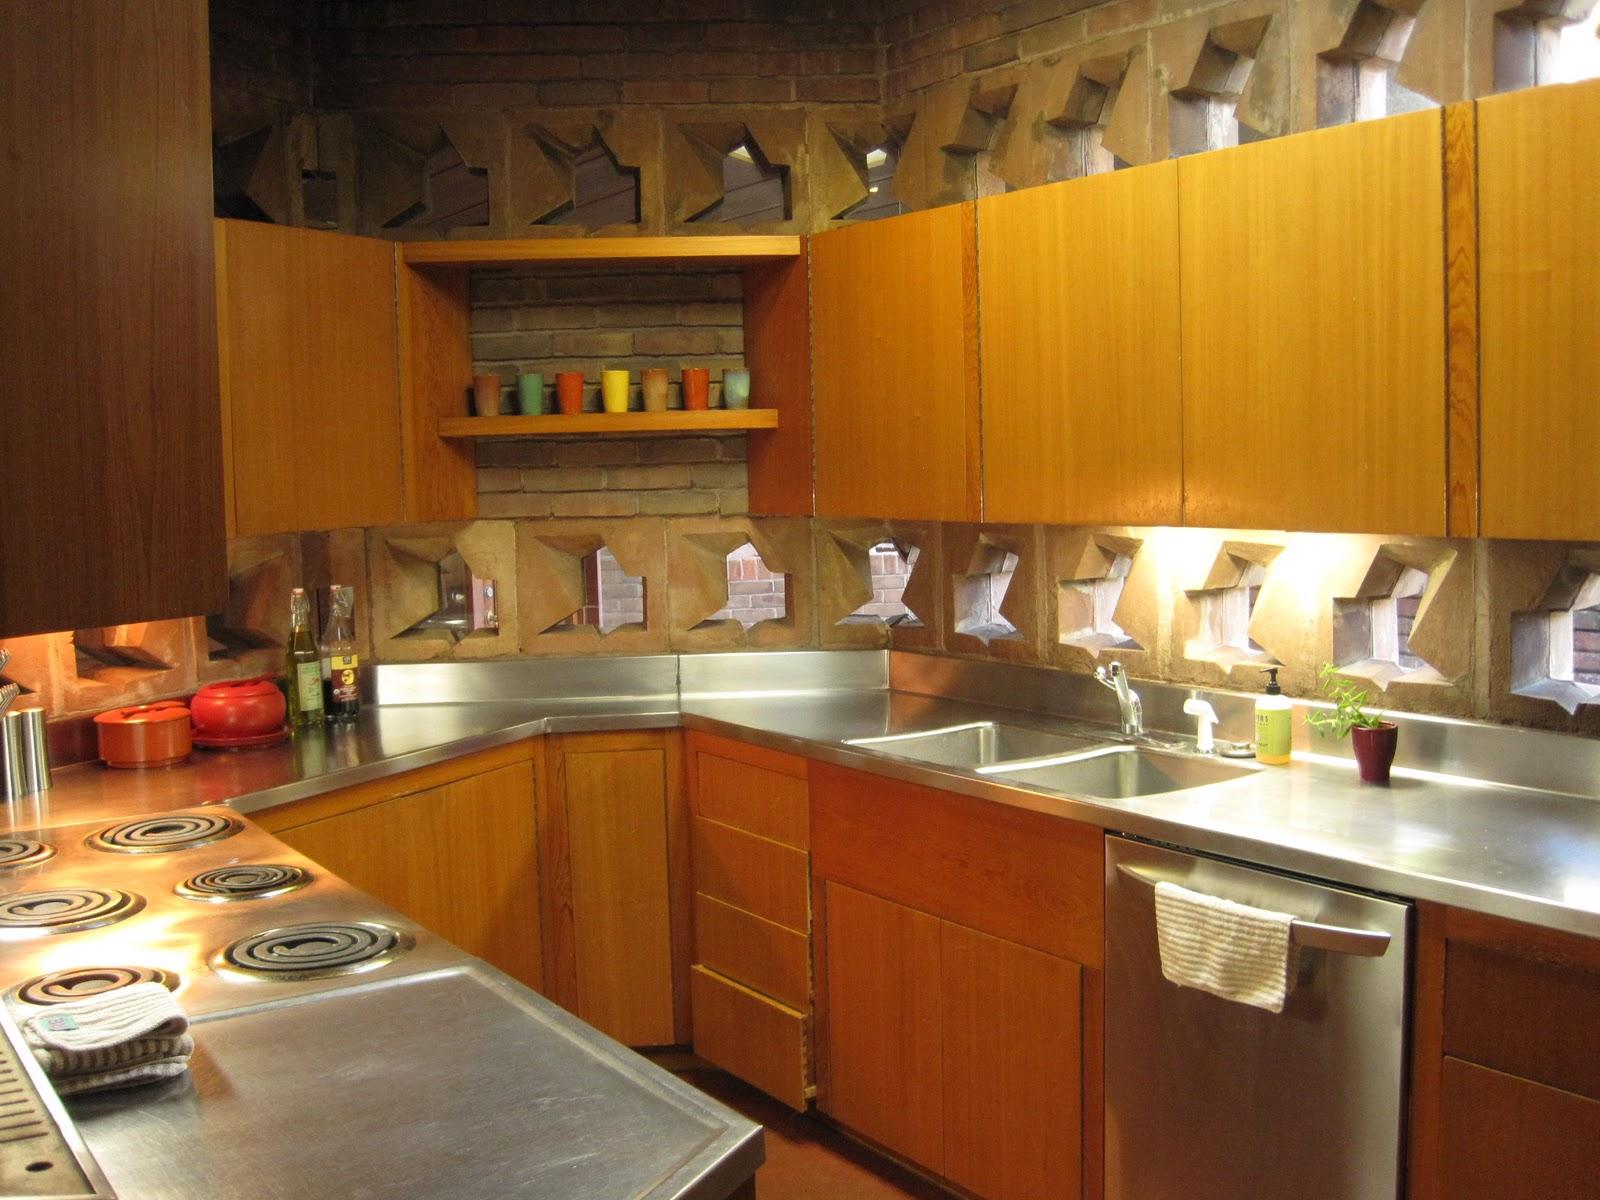 ... Design With Frank Lloyd Wright Kitchens · Kitchen · Prairie ... Part 19